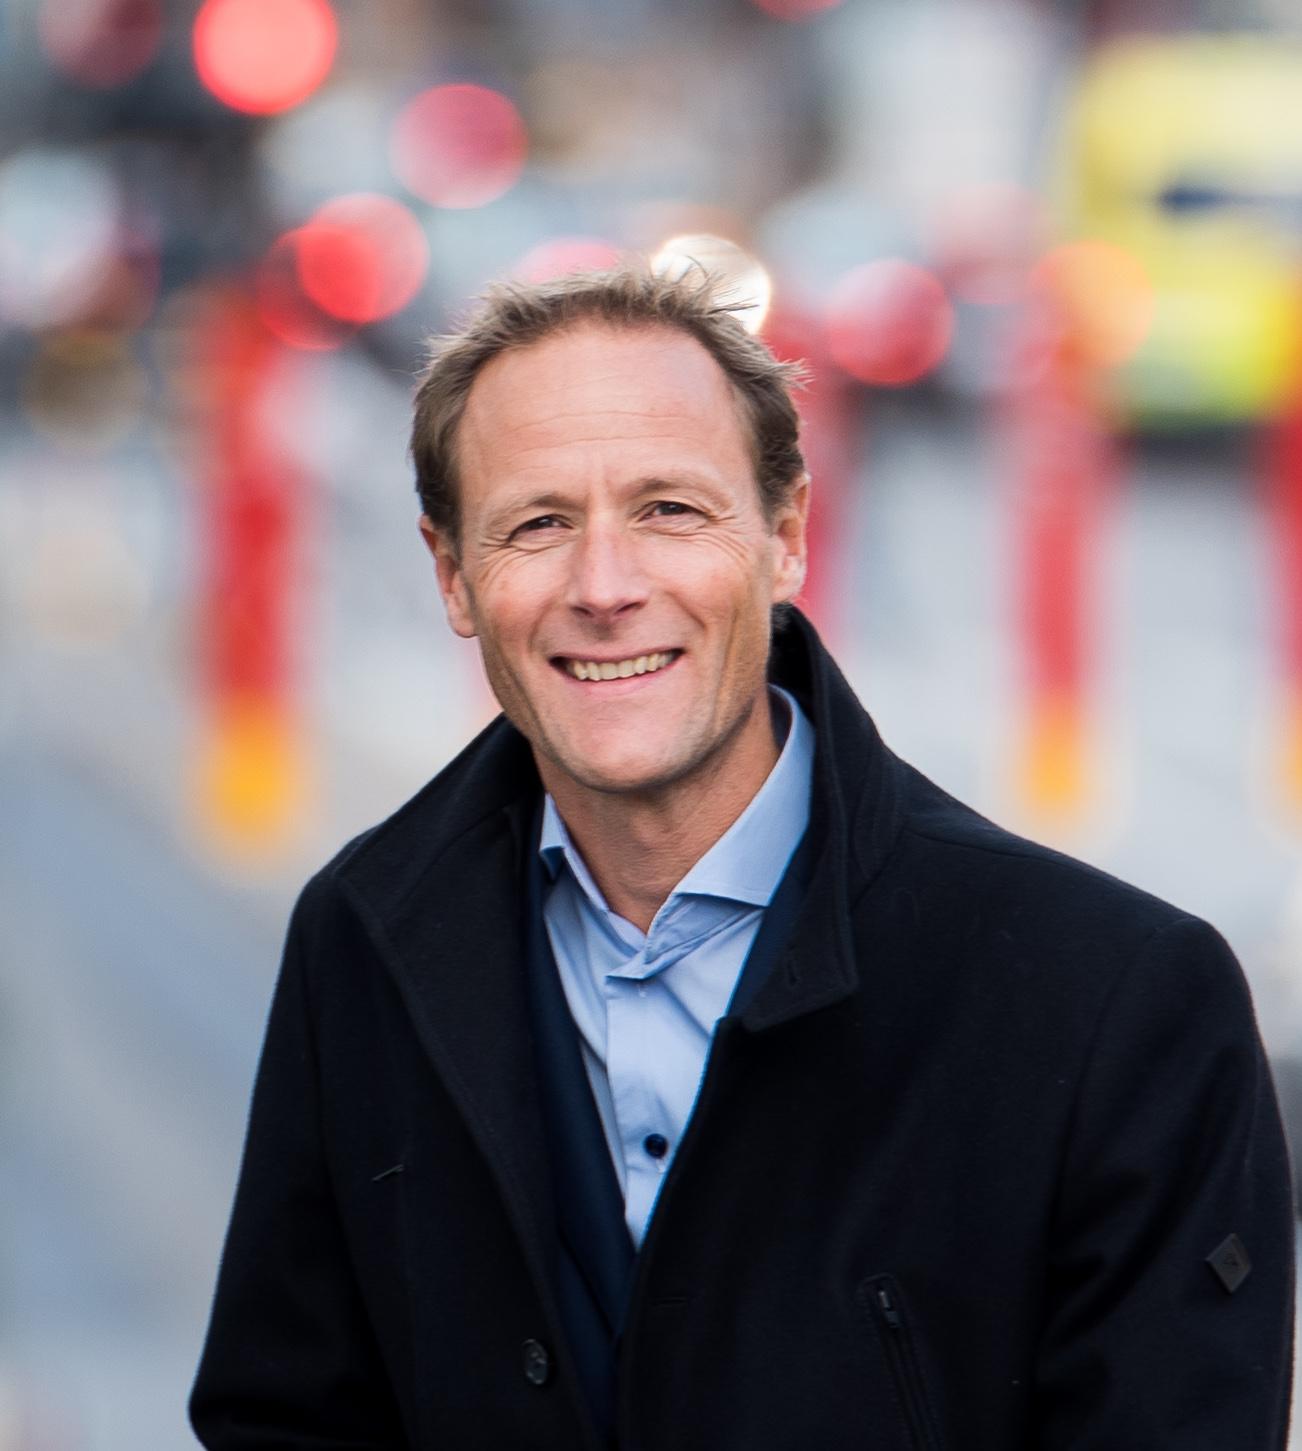 Jakob Holm